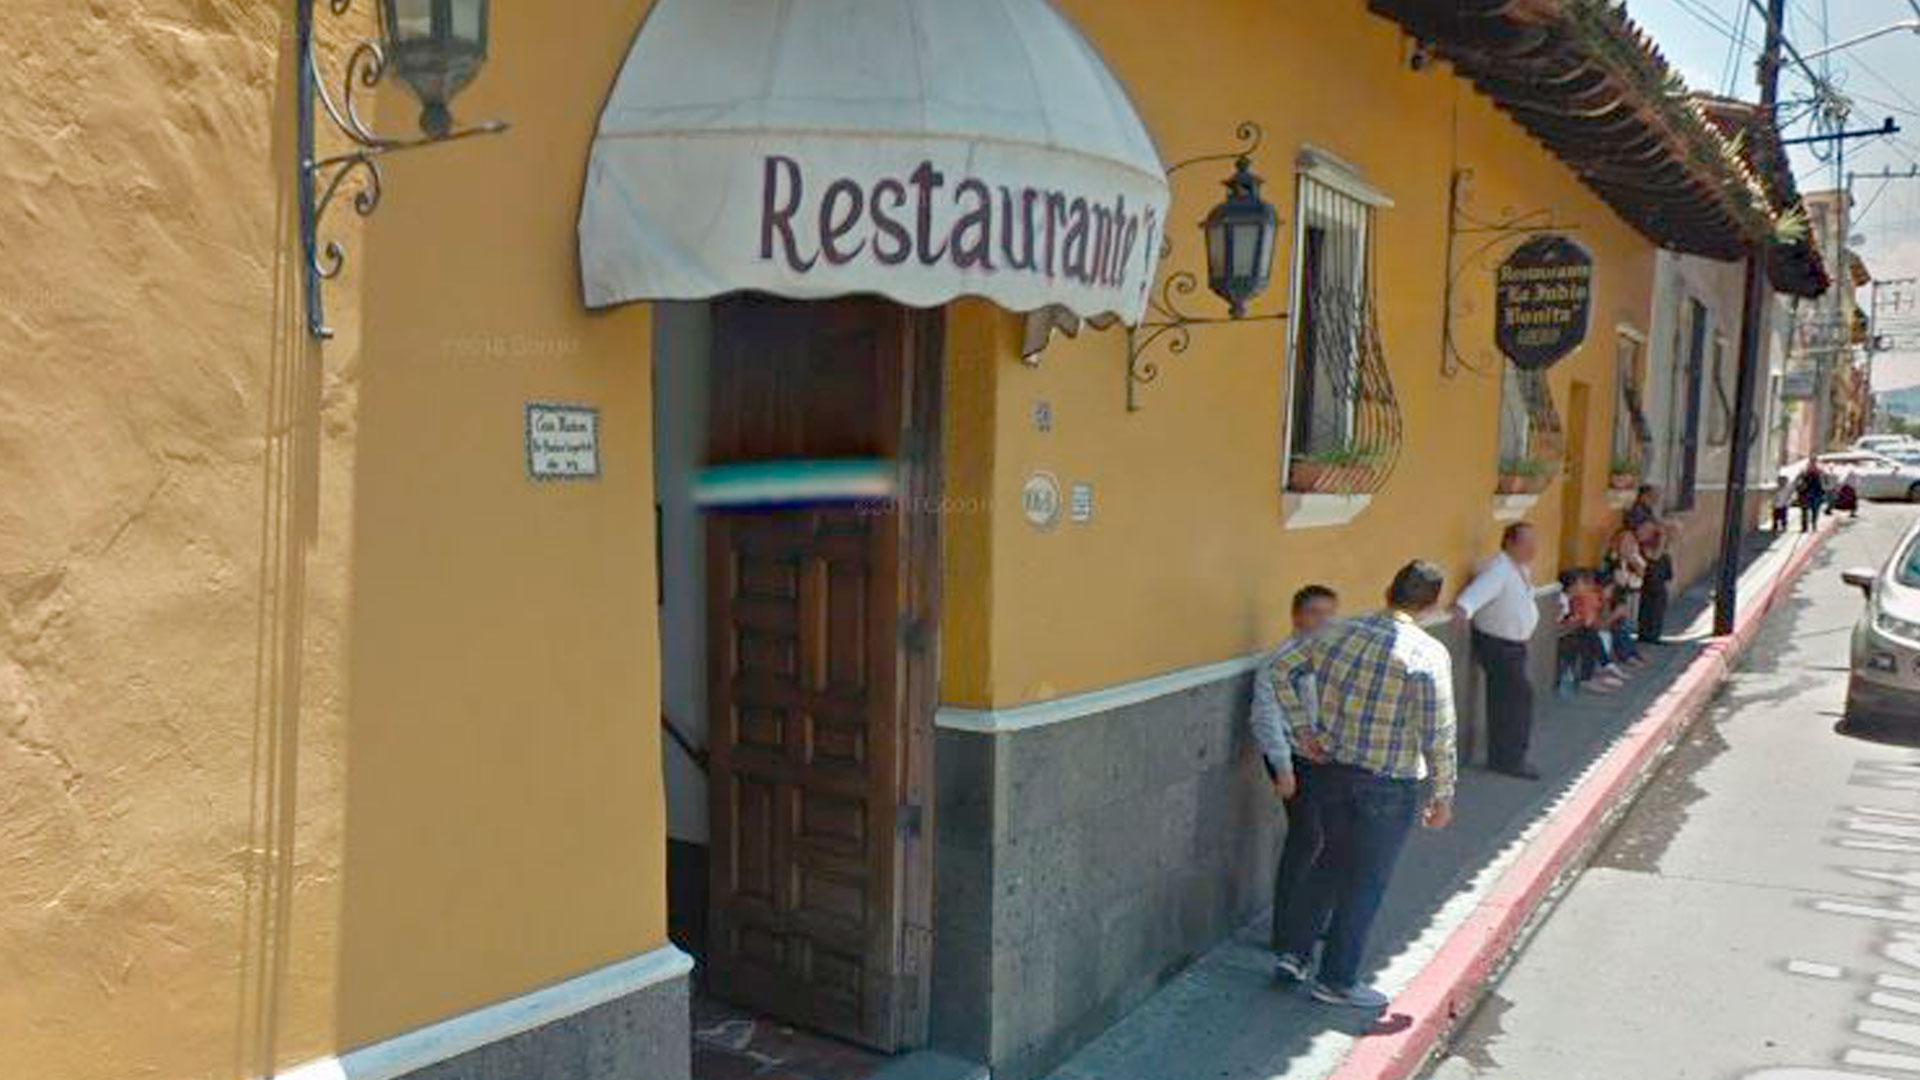 Un restaurante en Cuernavaca recuerda el amorío imperial (Foto: GoogleMaps)